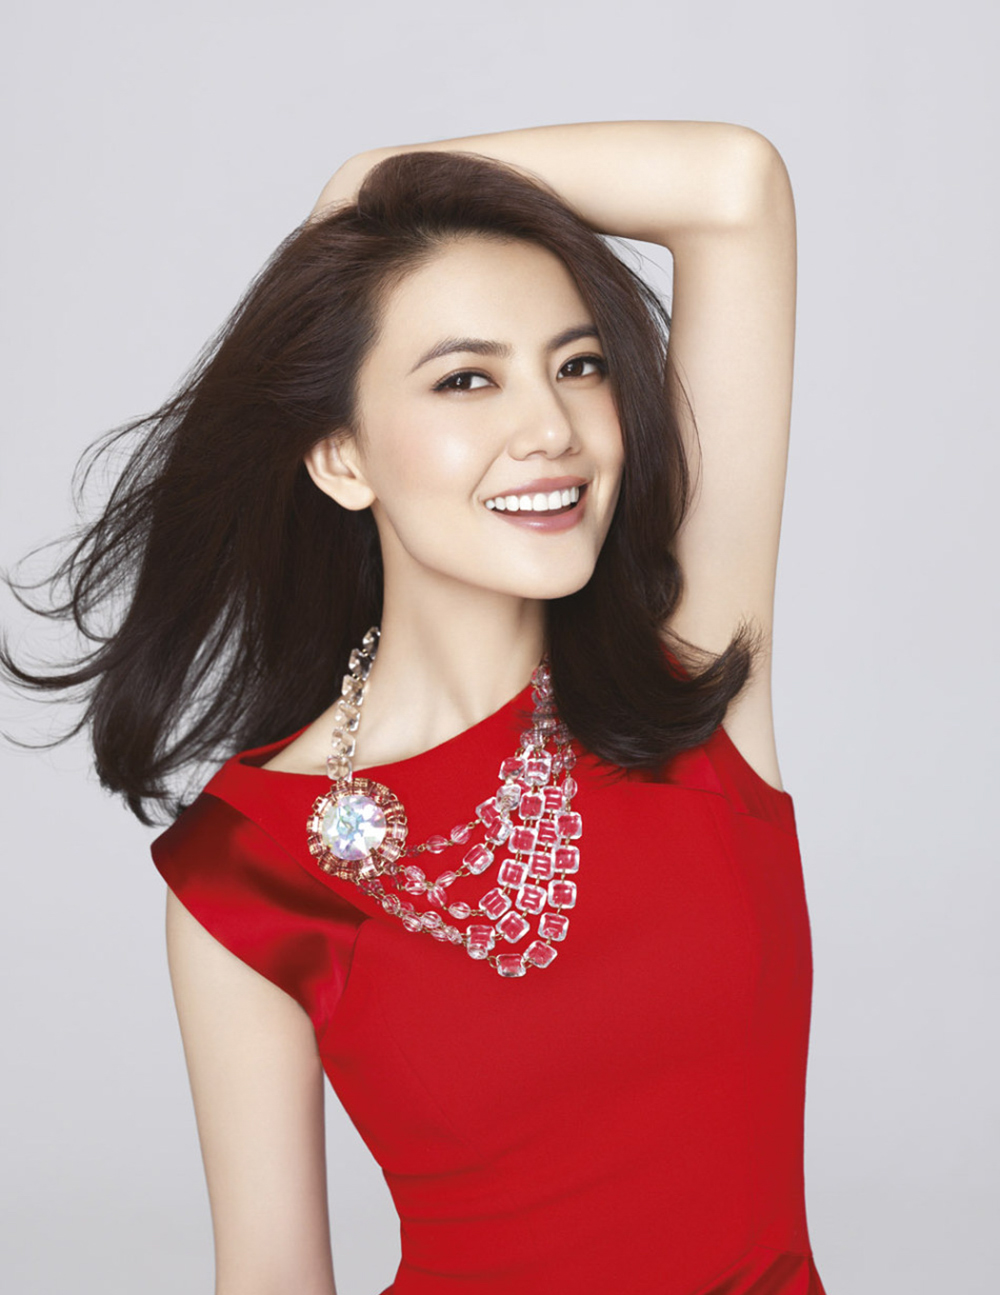 gaoyuanyuan38